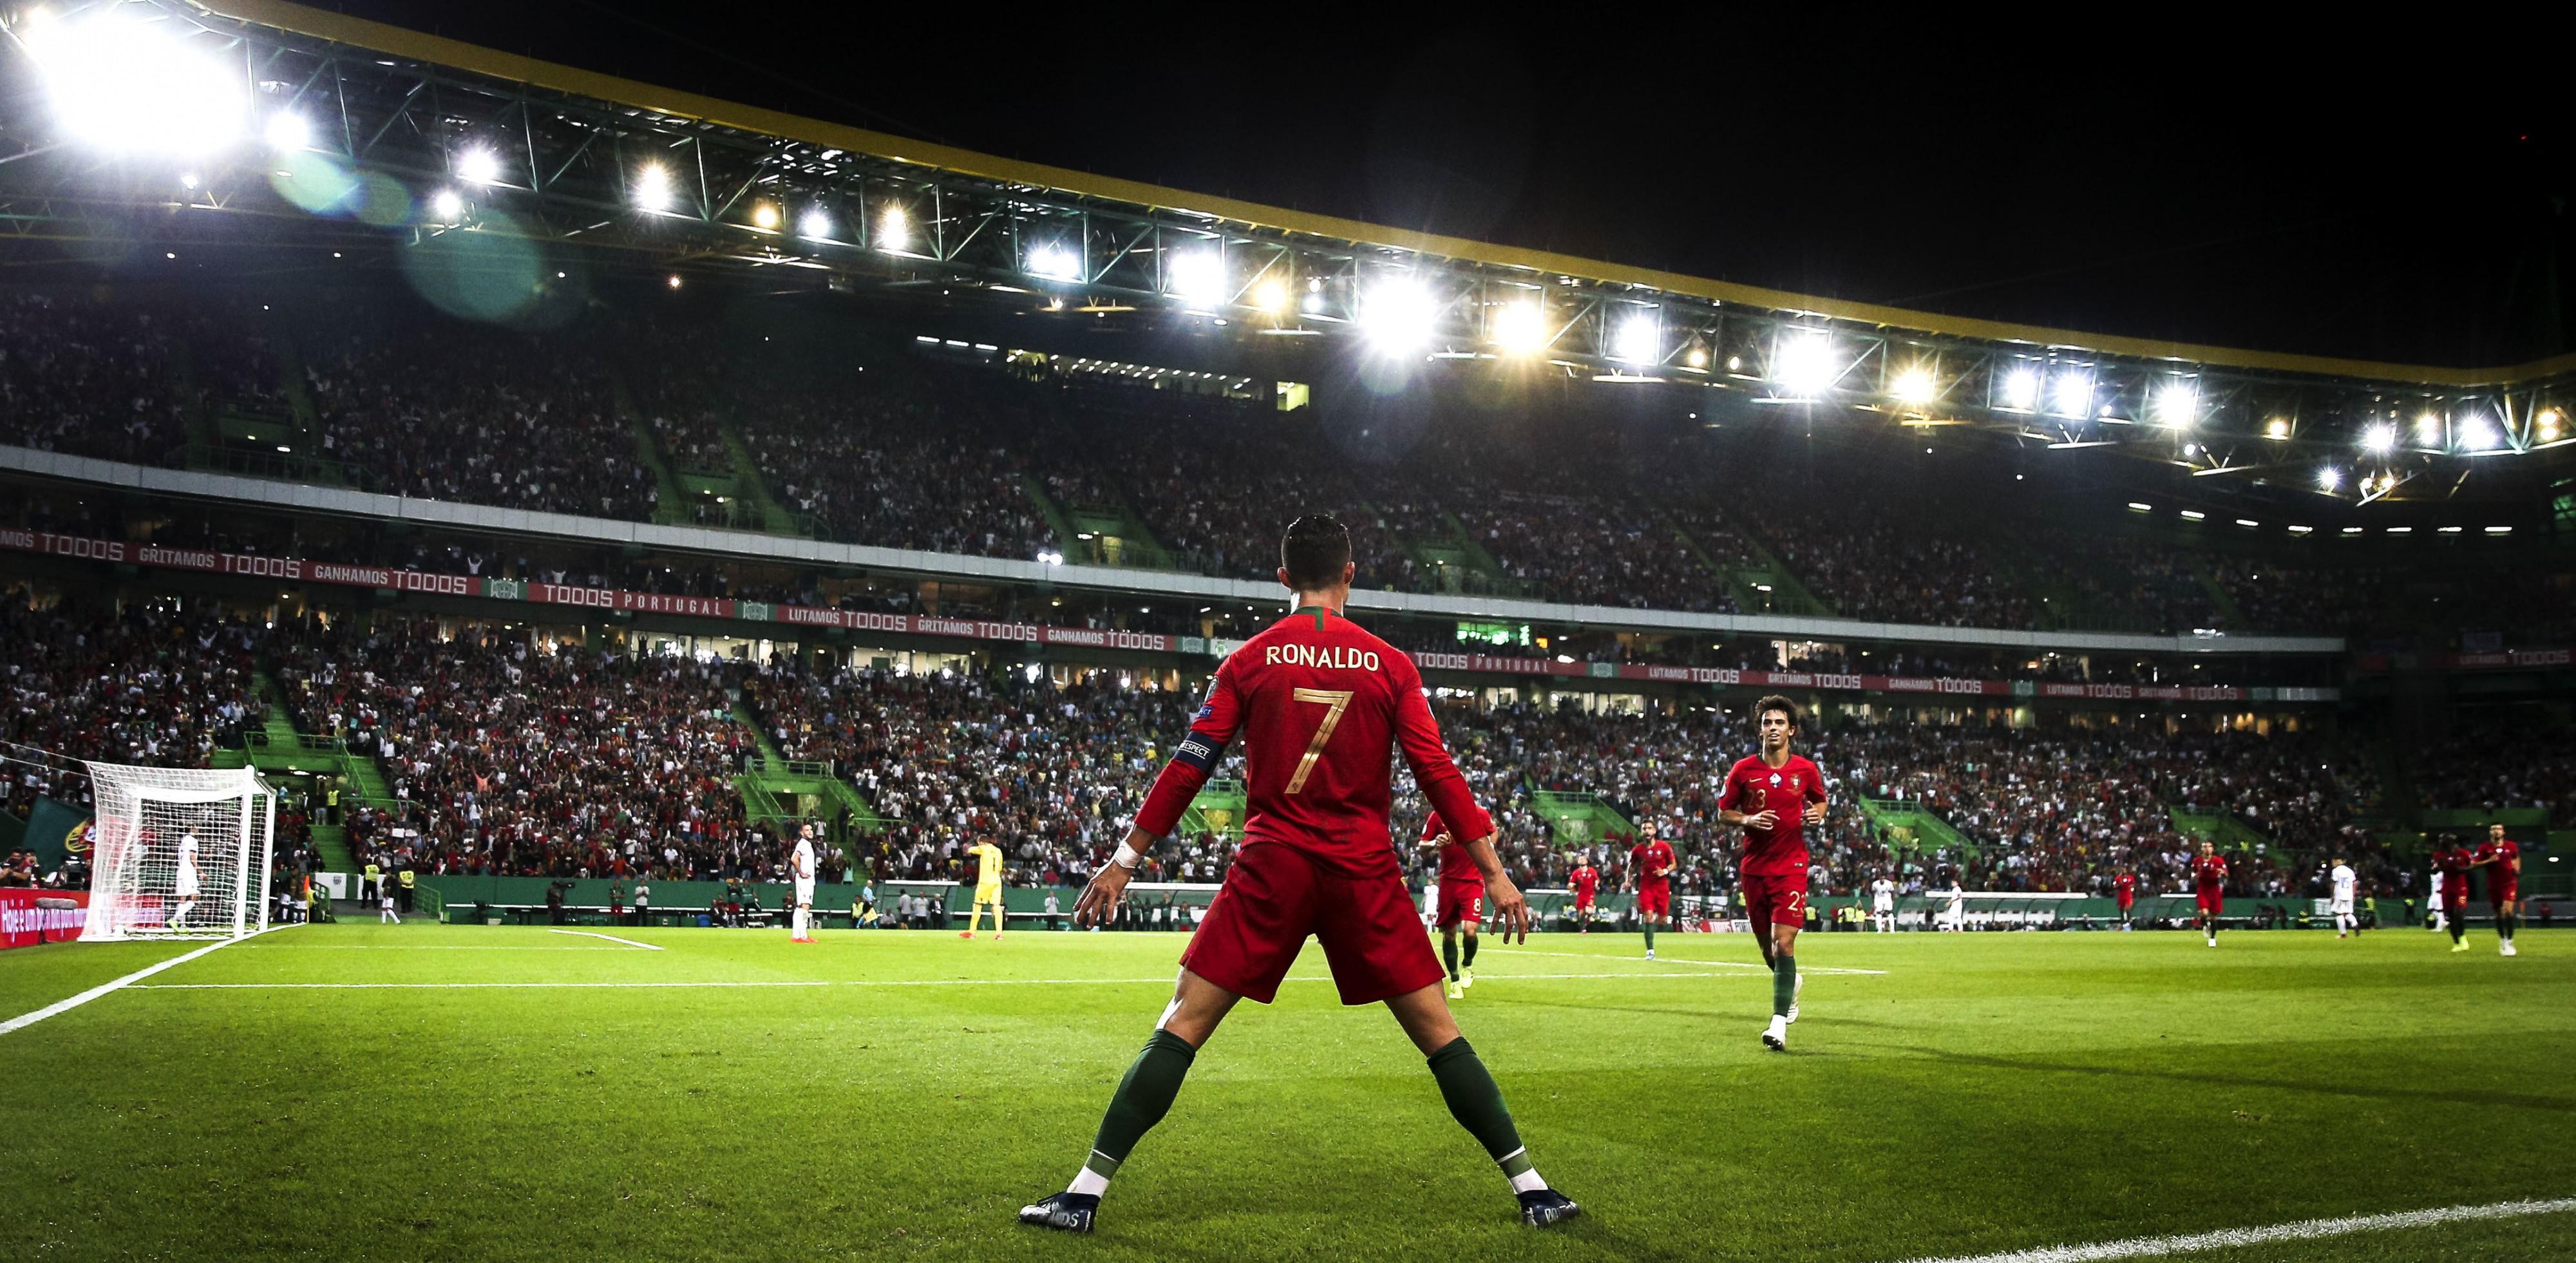 Cristiano_Ronaldo_-_Portugal